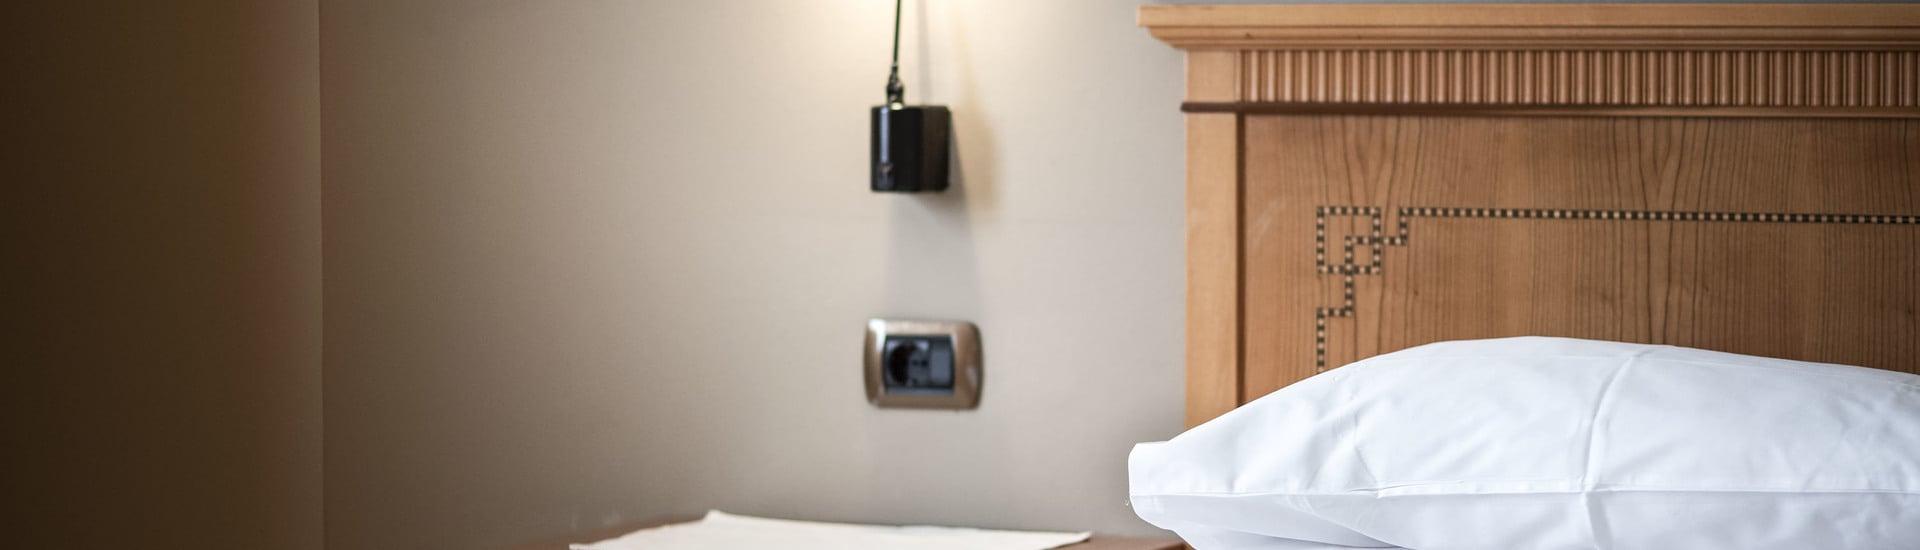 Appartamento pulito ed accogliente; il personale sempre molto gentile e cortese e premuroso. Ottima posizione in centro.